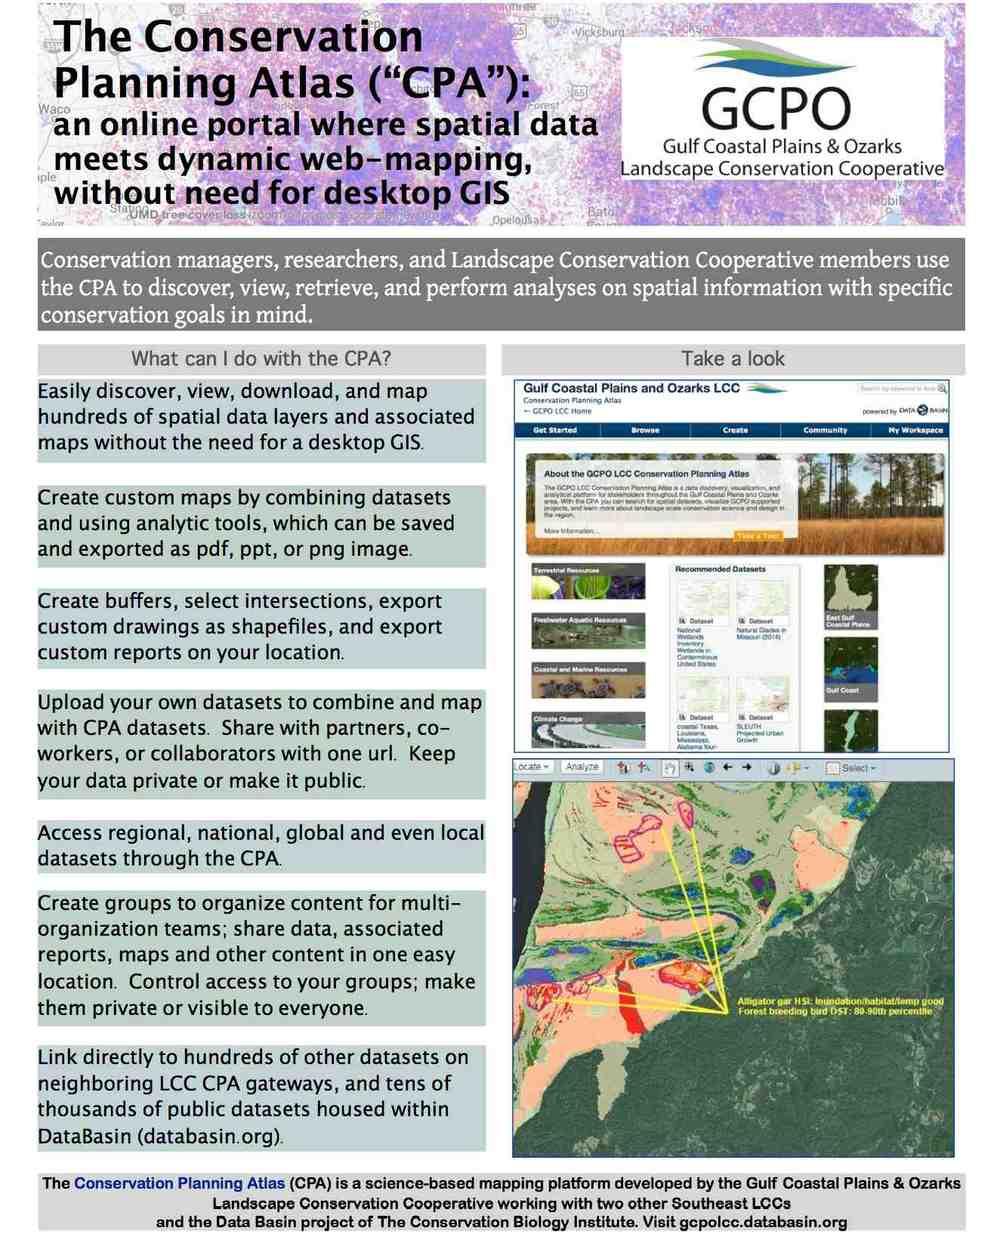 Conservation Planning Atlas factsheet